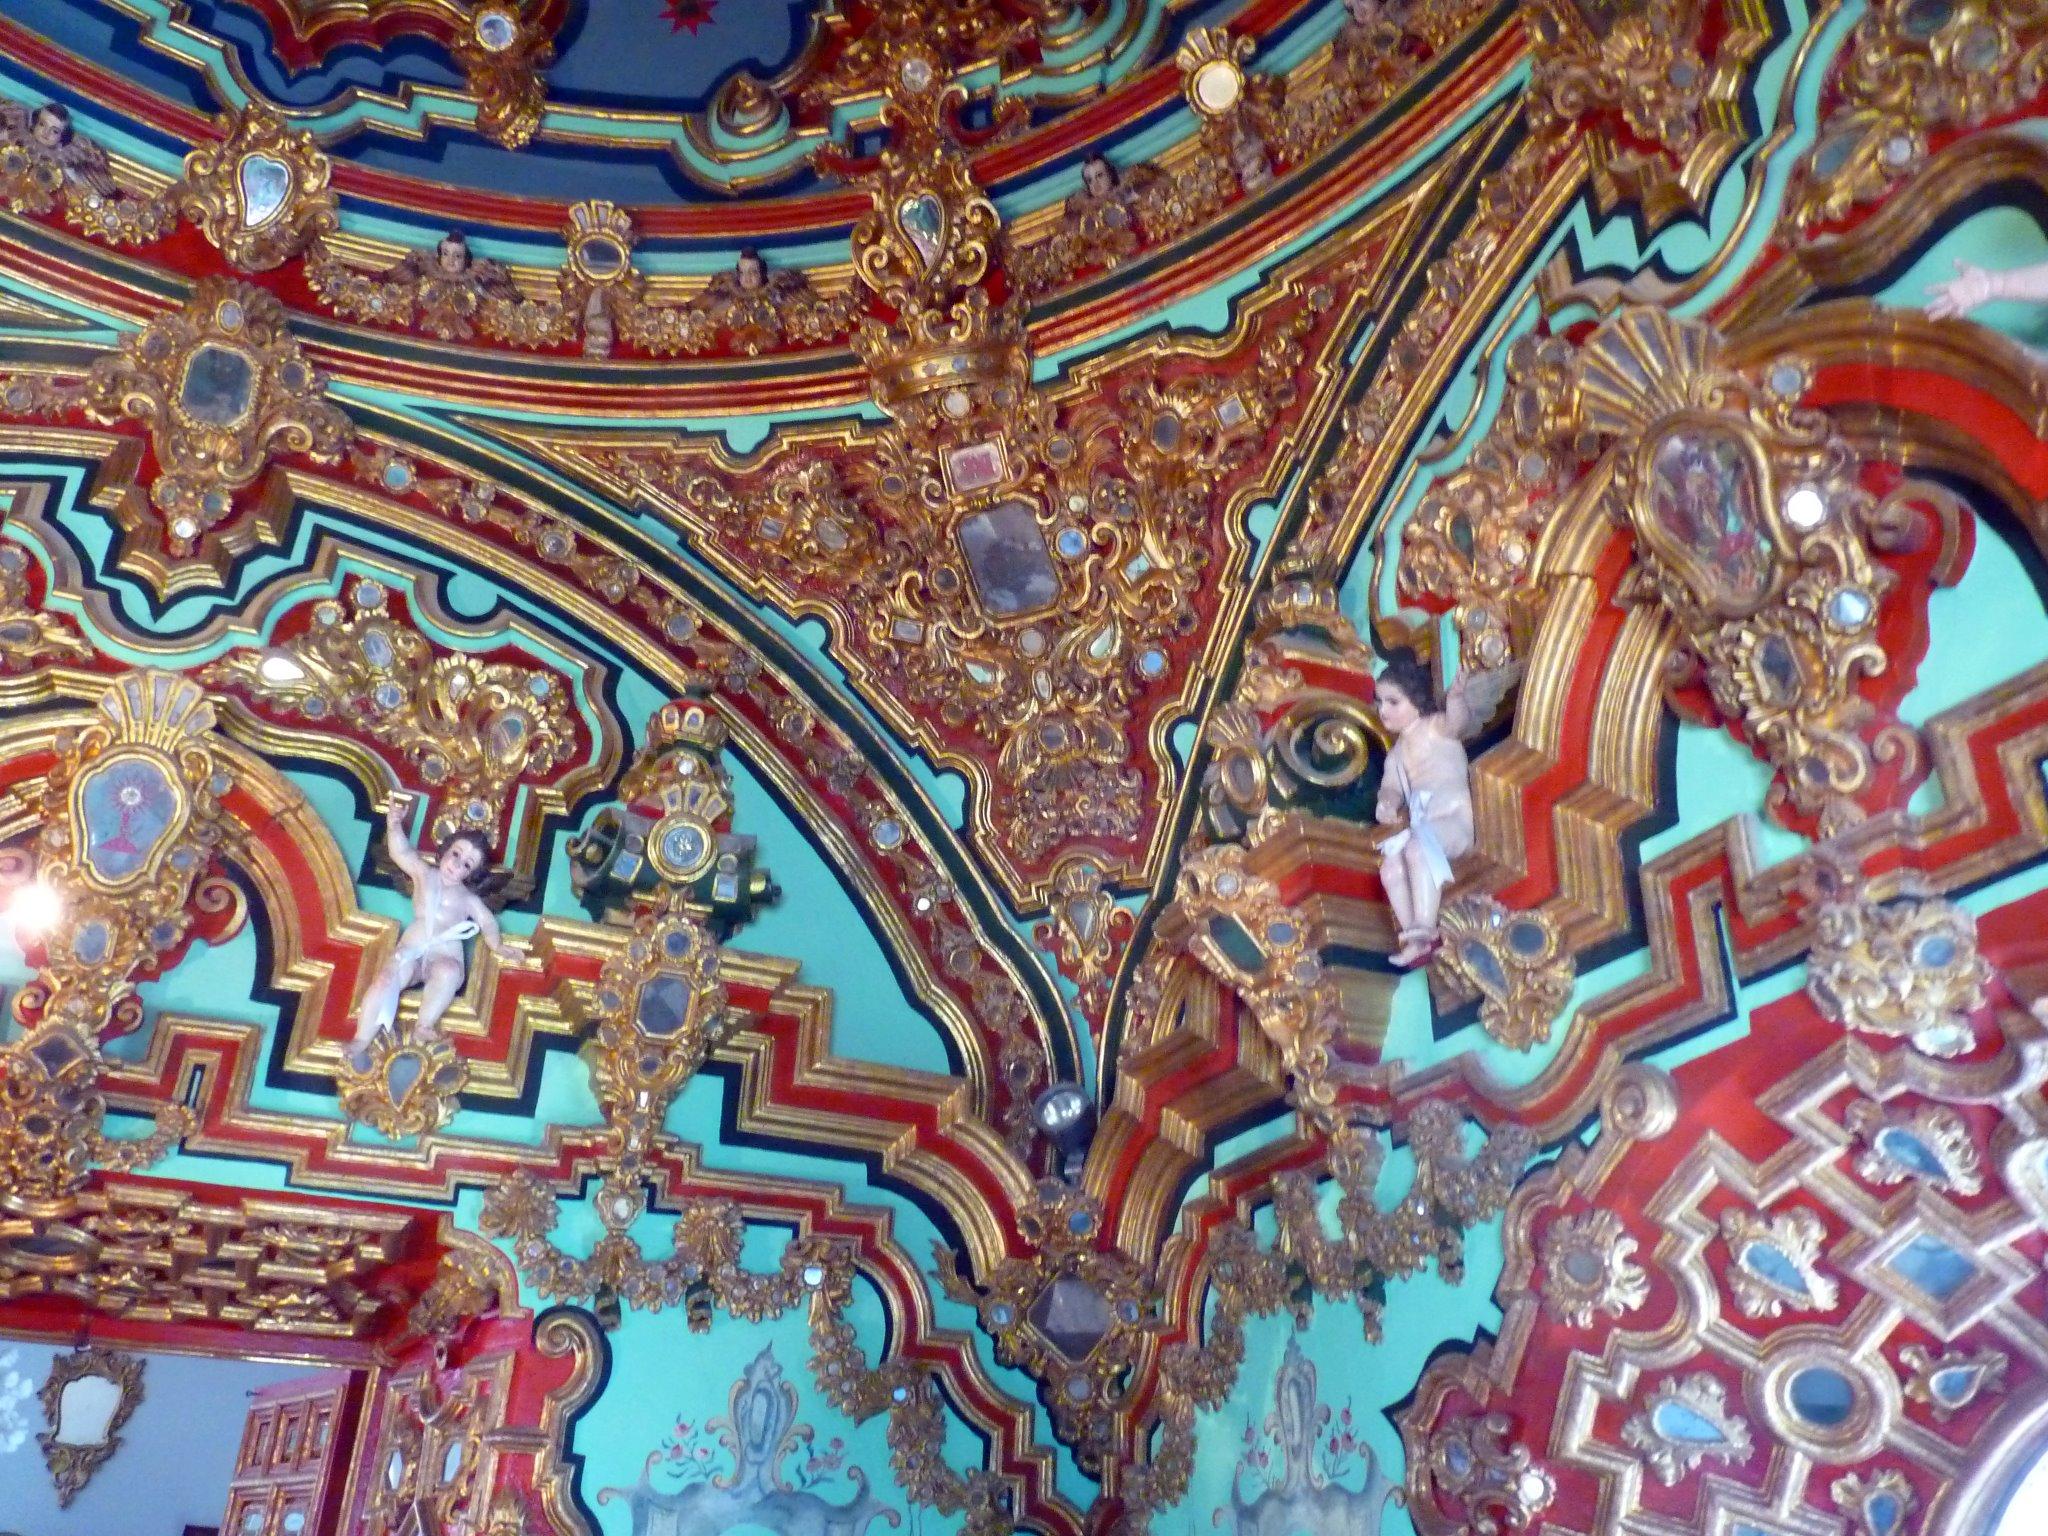 Detalle ornamentacion camarin de la Virgen